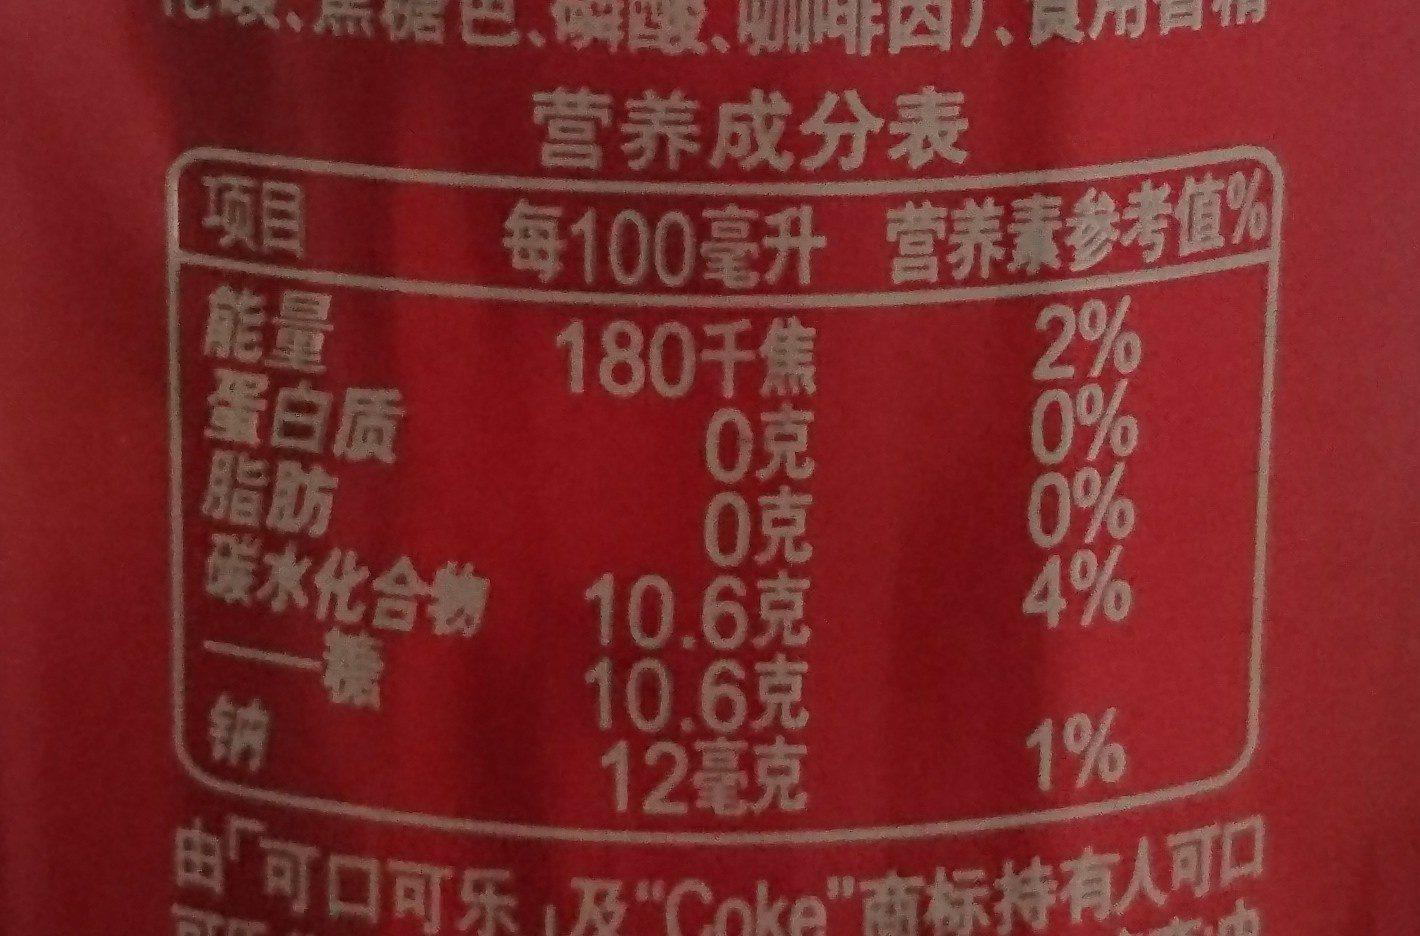 可口可乐 - Nutrition facts